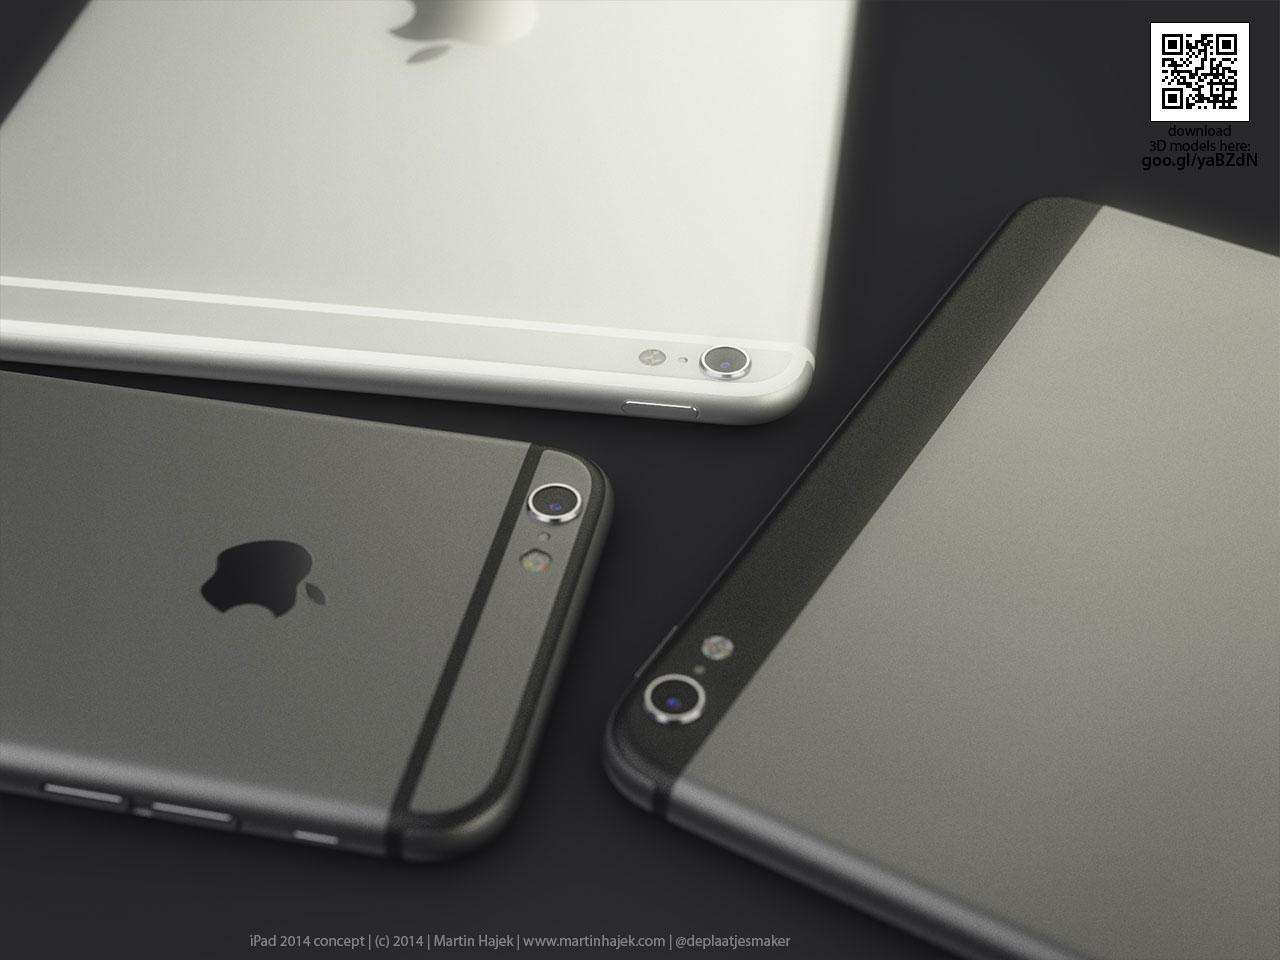 Conceito iPad 6